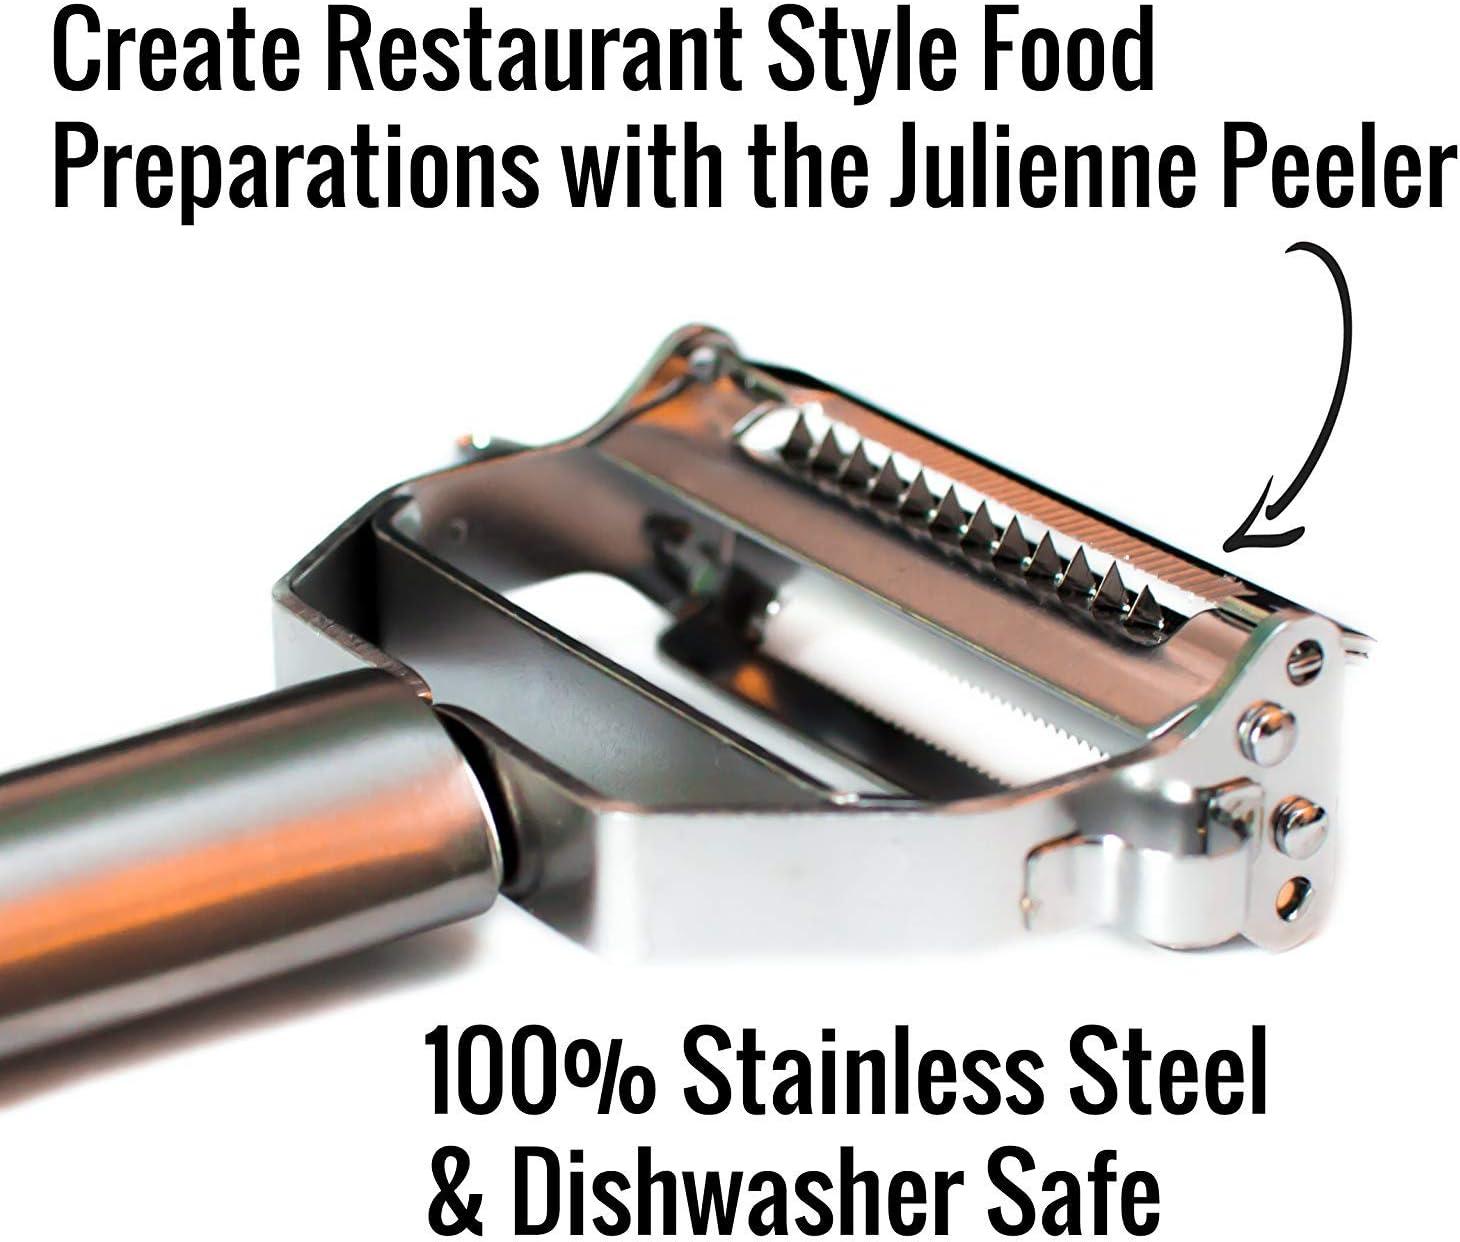 UberChef Erg Premium Ultra Sharp Julienne Peeler & Vegetable Stainless Steel Ergonomic, Potato Apple Peeler-Cleaning Brush In, Silver: Kitchen & Dining